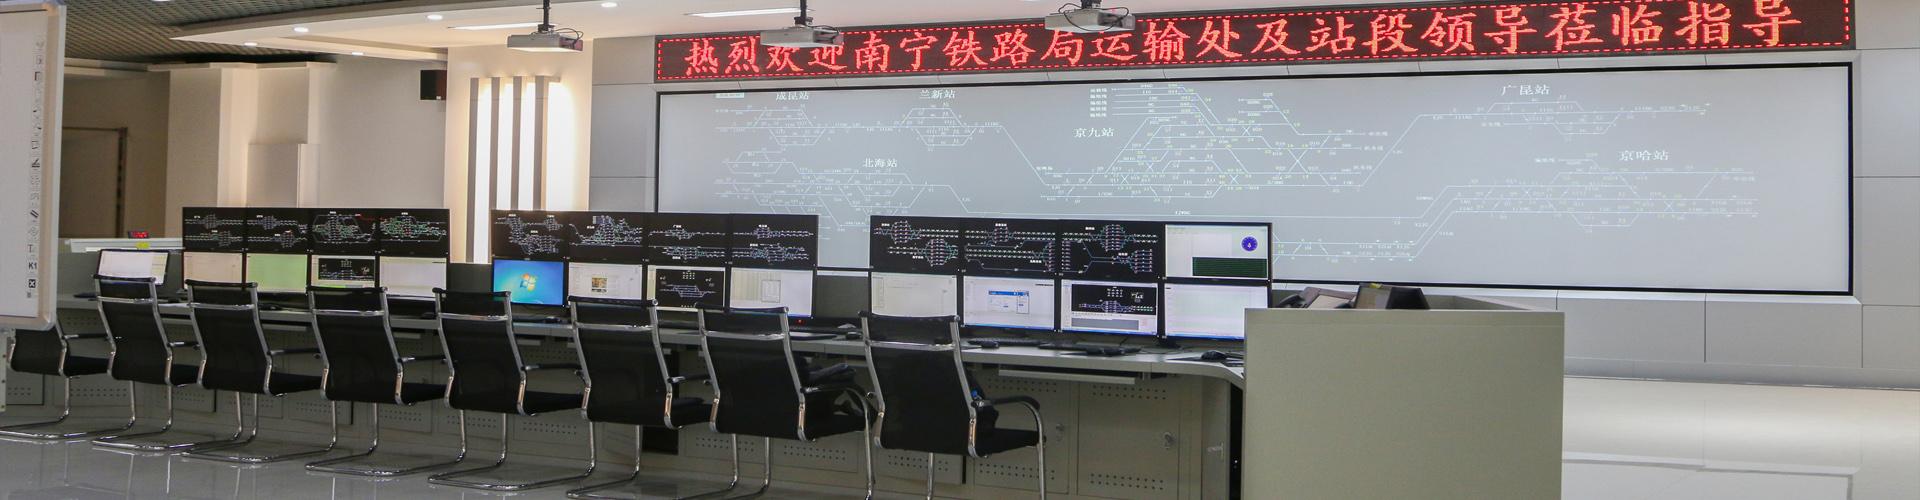 产品展示, 车站机电一体化实训设备